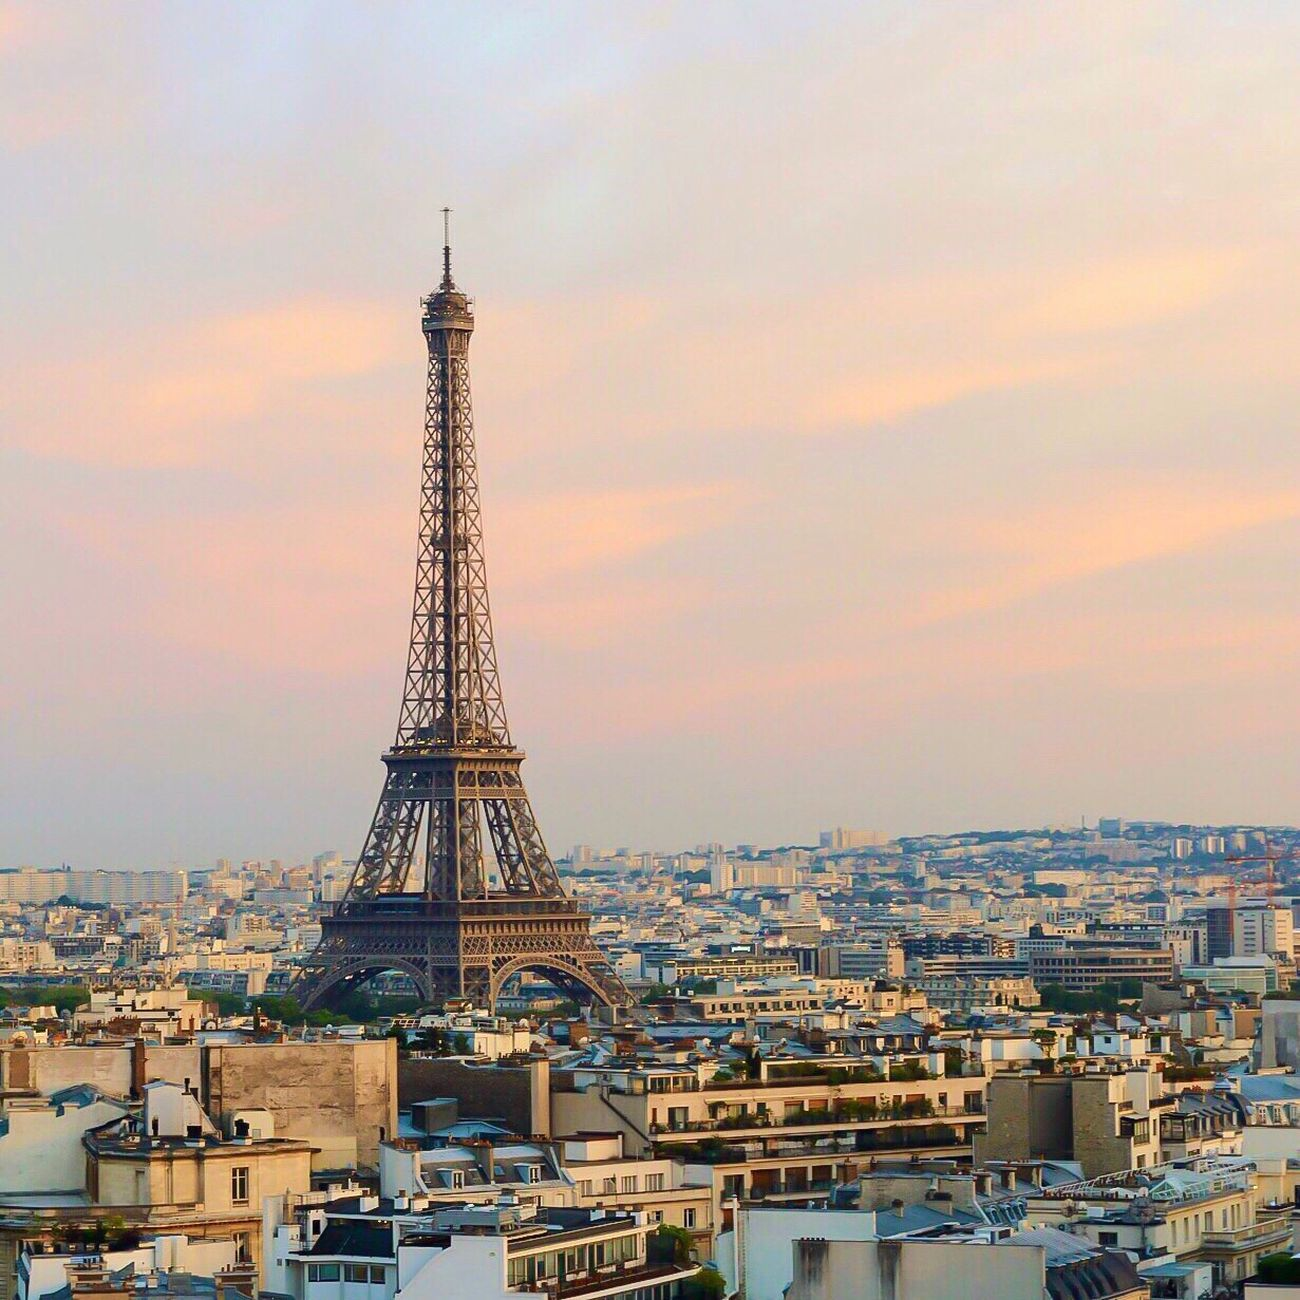 Good Evening Paris! Bonsoir Paris Architecture Sky Sunset Paris ❤ Eyem Best Shot - Architecture Photooftheday Paris Parisweloveyou EyeEm Best Shots Cloud - Sky Eiffel Tower Tour Eiffel